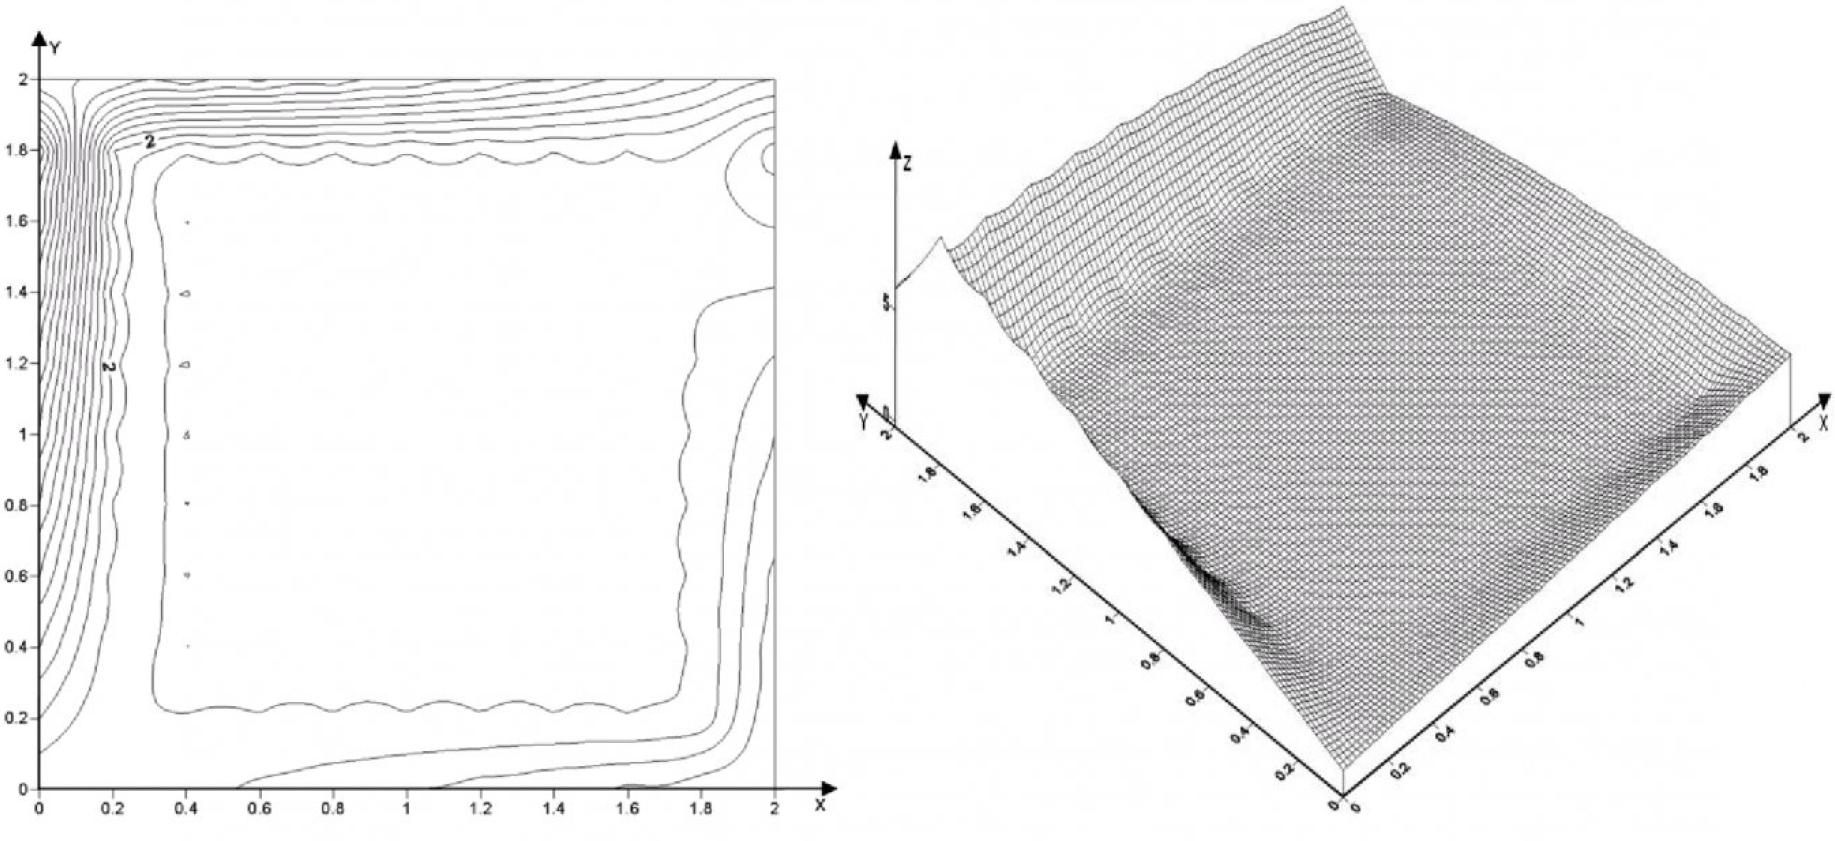 Рисунок 3 – Изолинии и поверхность для второй краевой задачи Дирихле